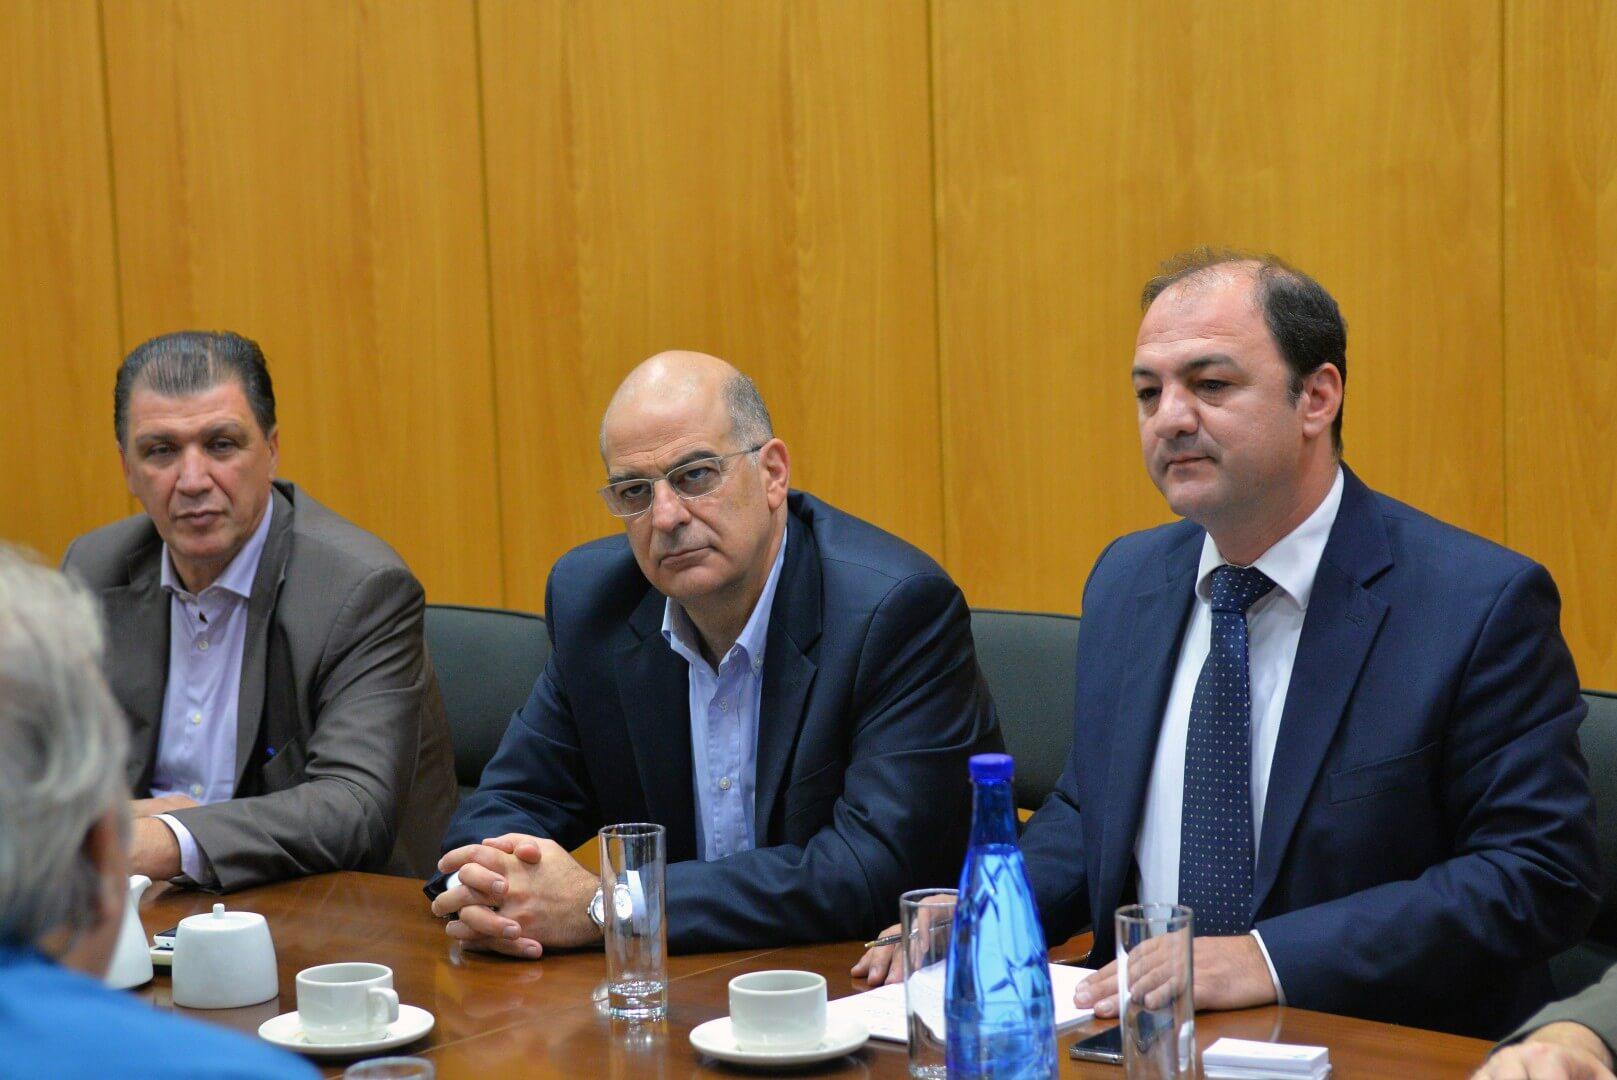 Συνάντηση εργασίας του Υπουργού Ανάπτυξης και Ανταγωνιστικότητας Νίκου Δένδια με το διοικητικό συμβούλιο της ΑΖΚ